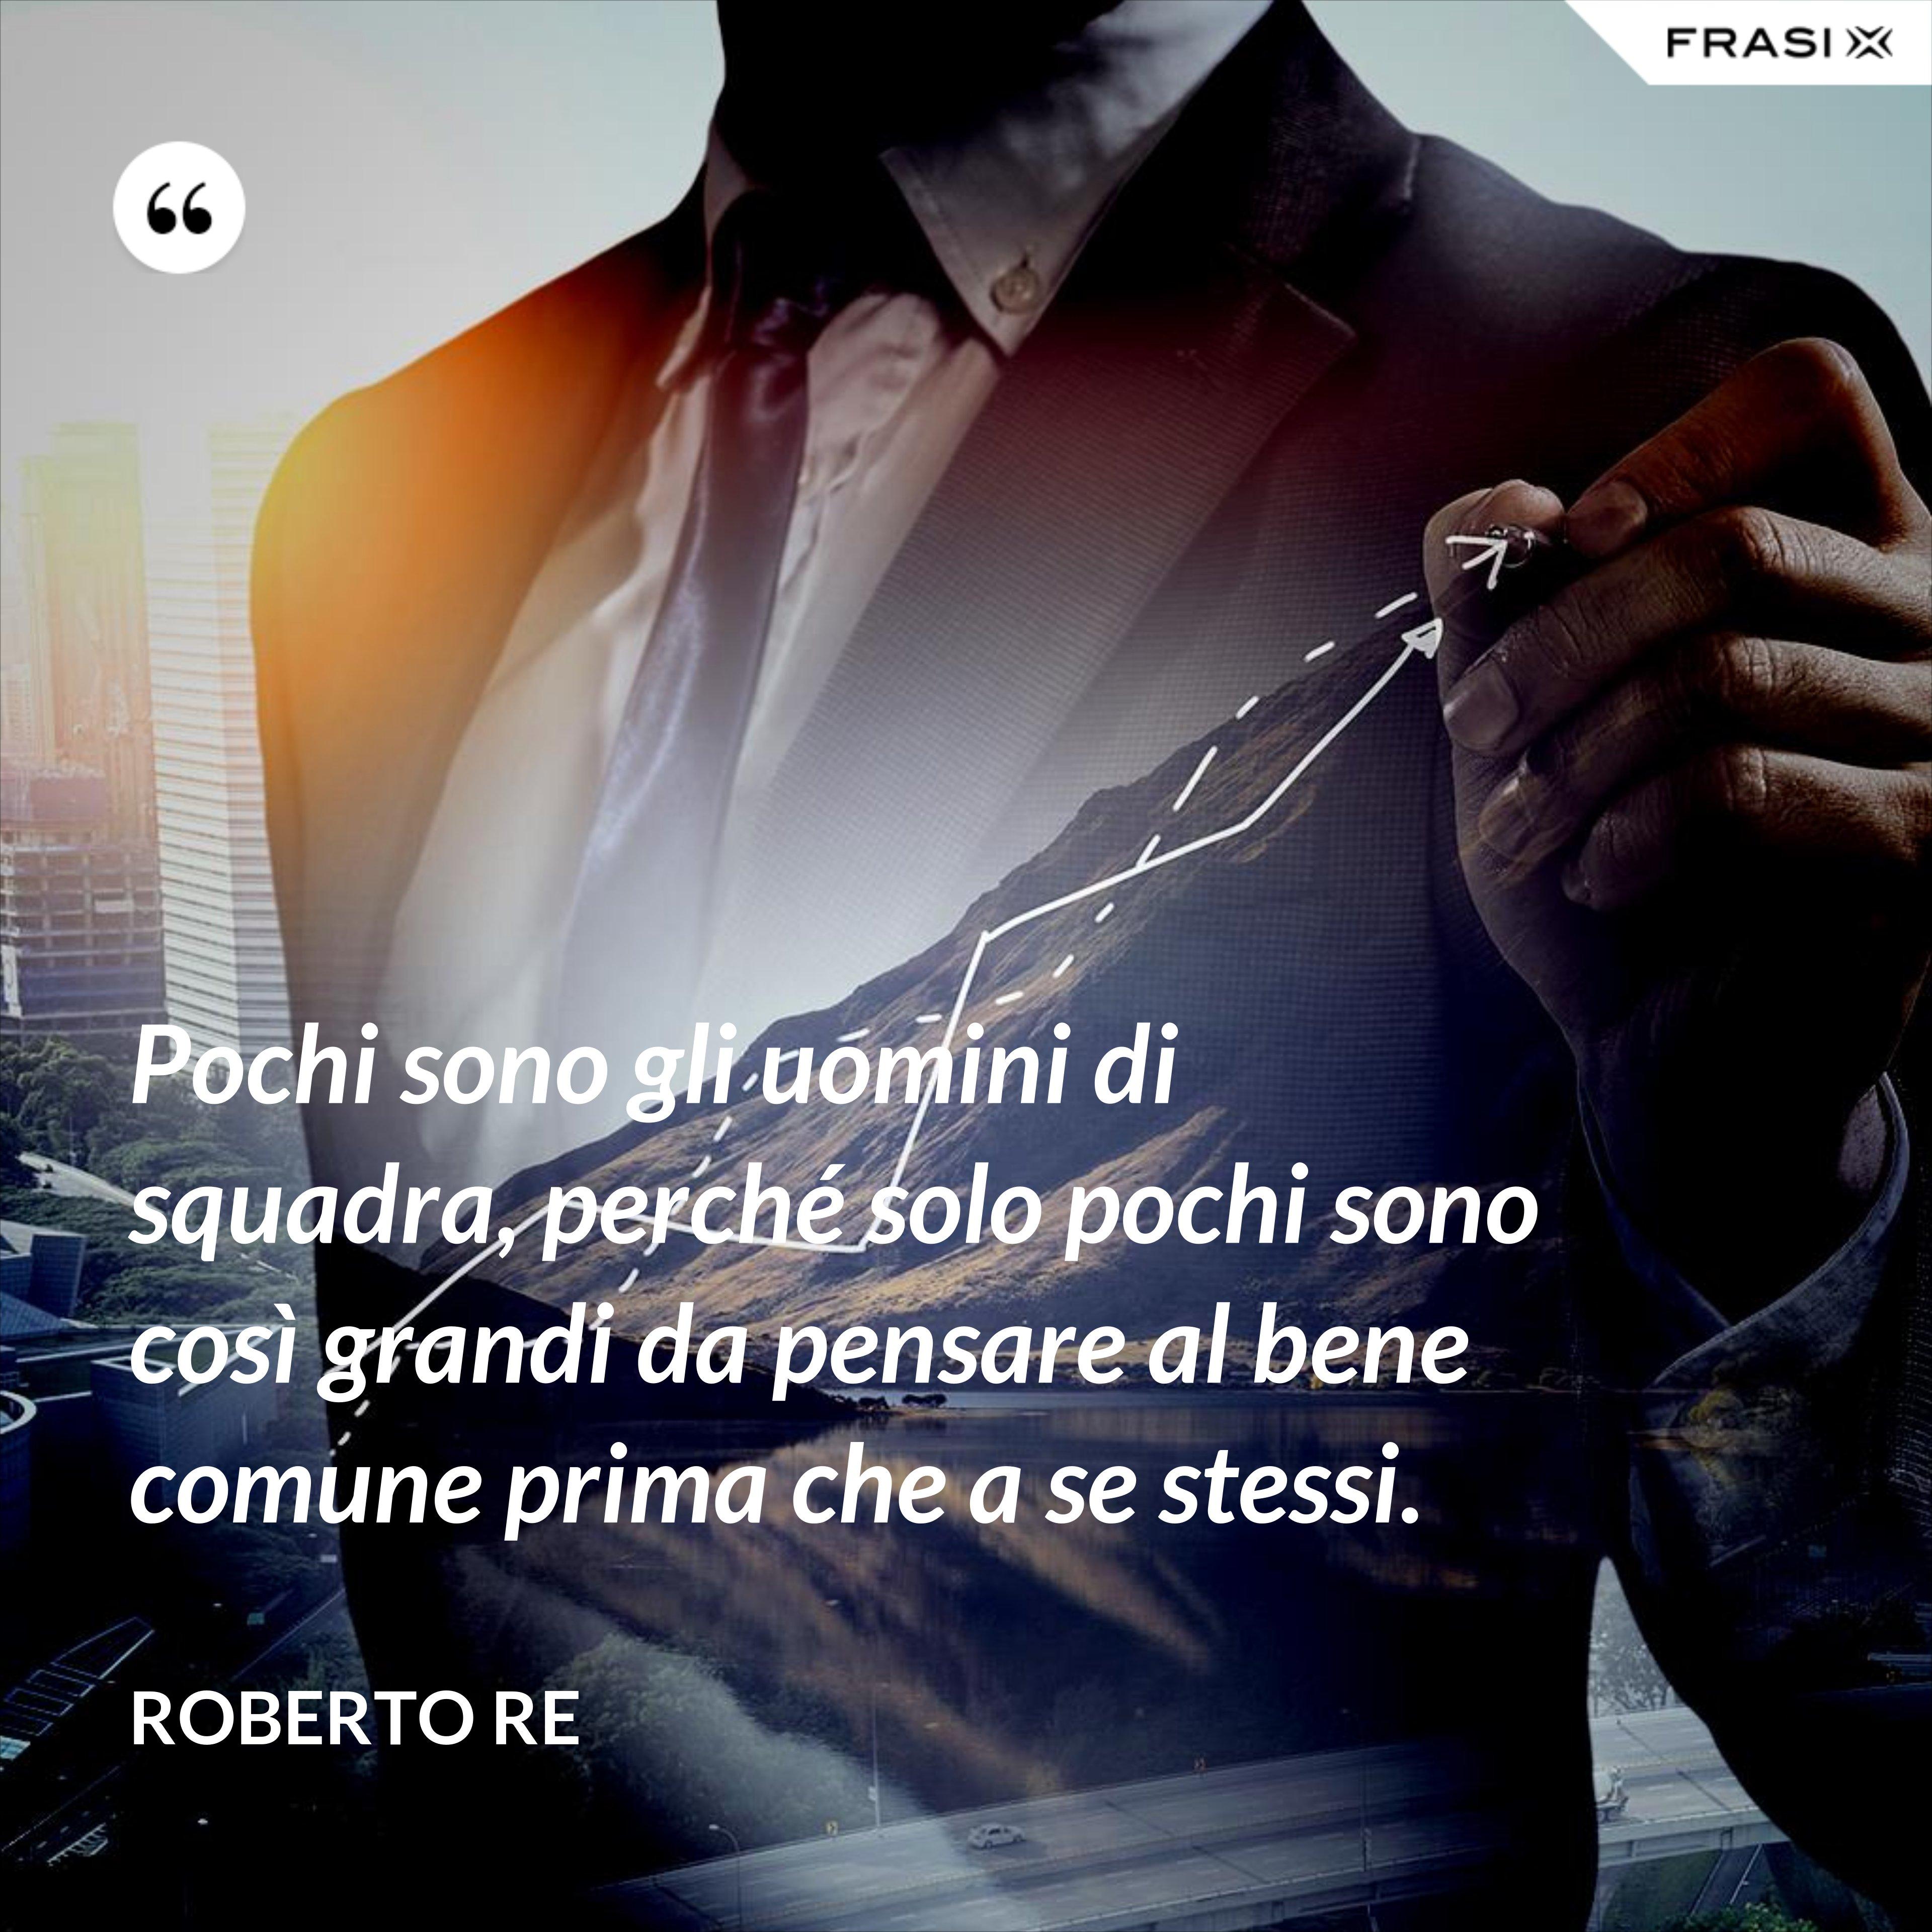 Pochi sono gli uomini di squadra, perché solo pochi sono così grandi da pensare al bene comune prima che a se stessi. - Roberto Re